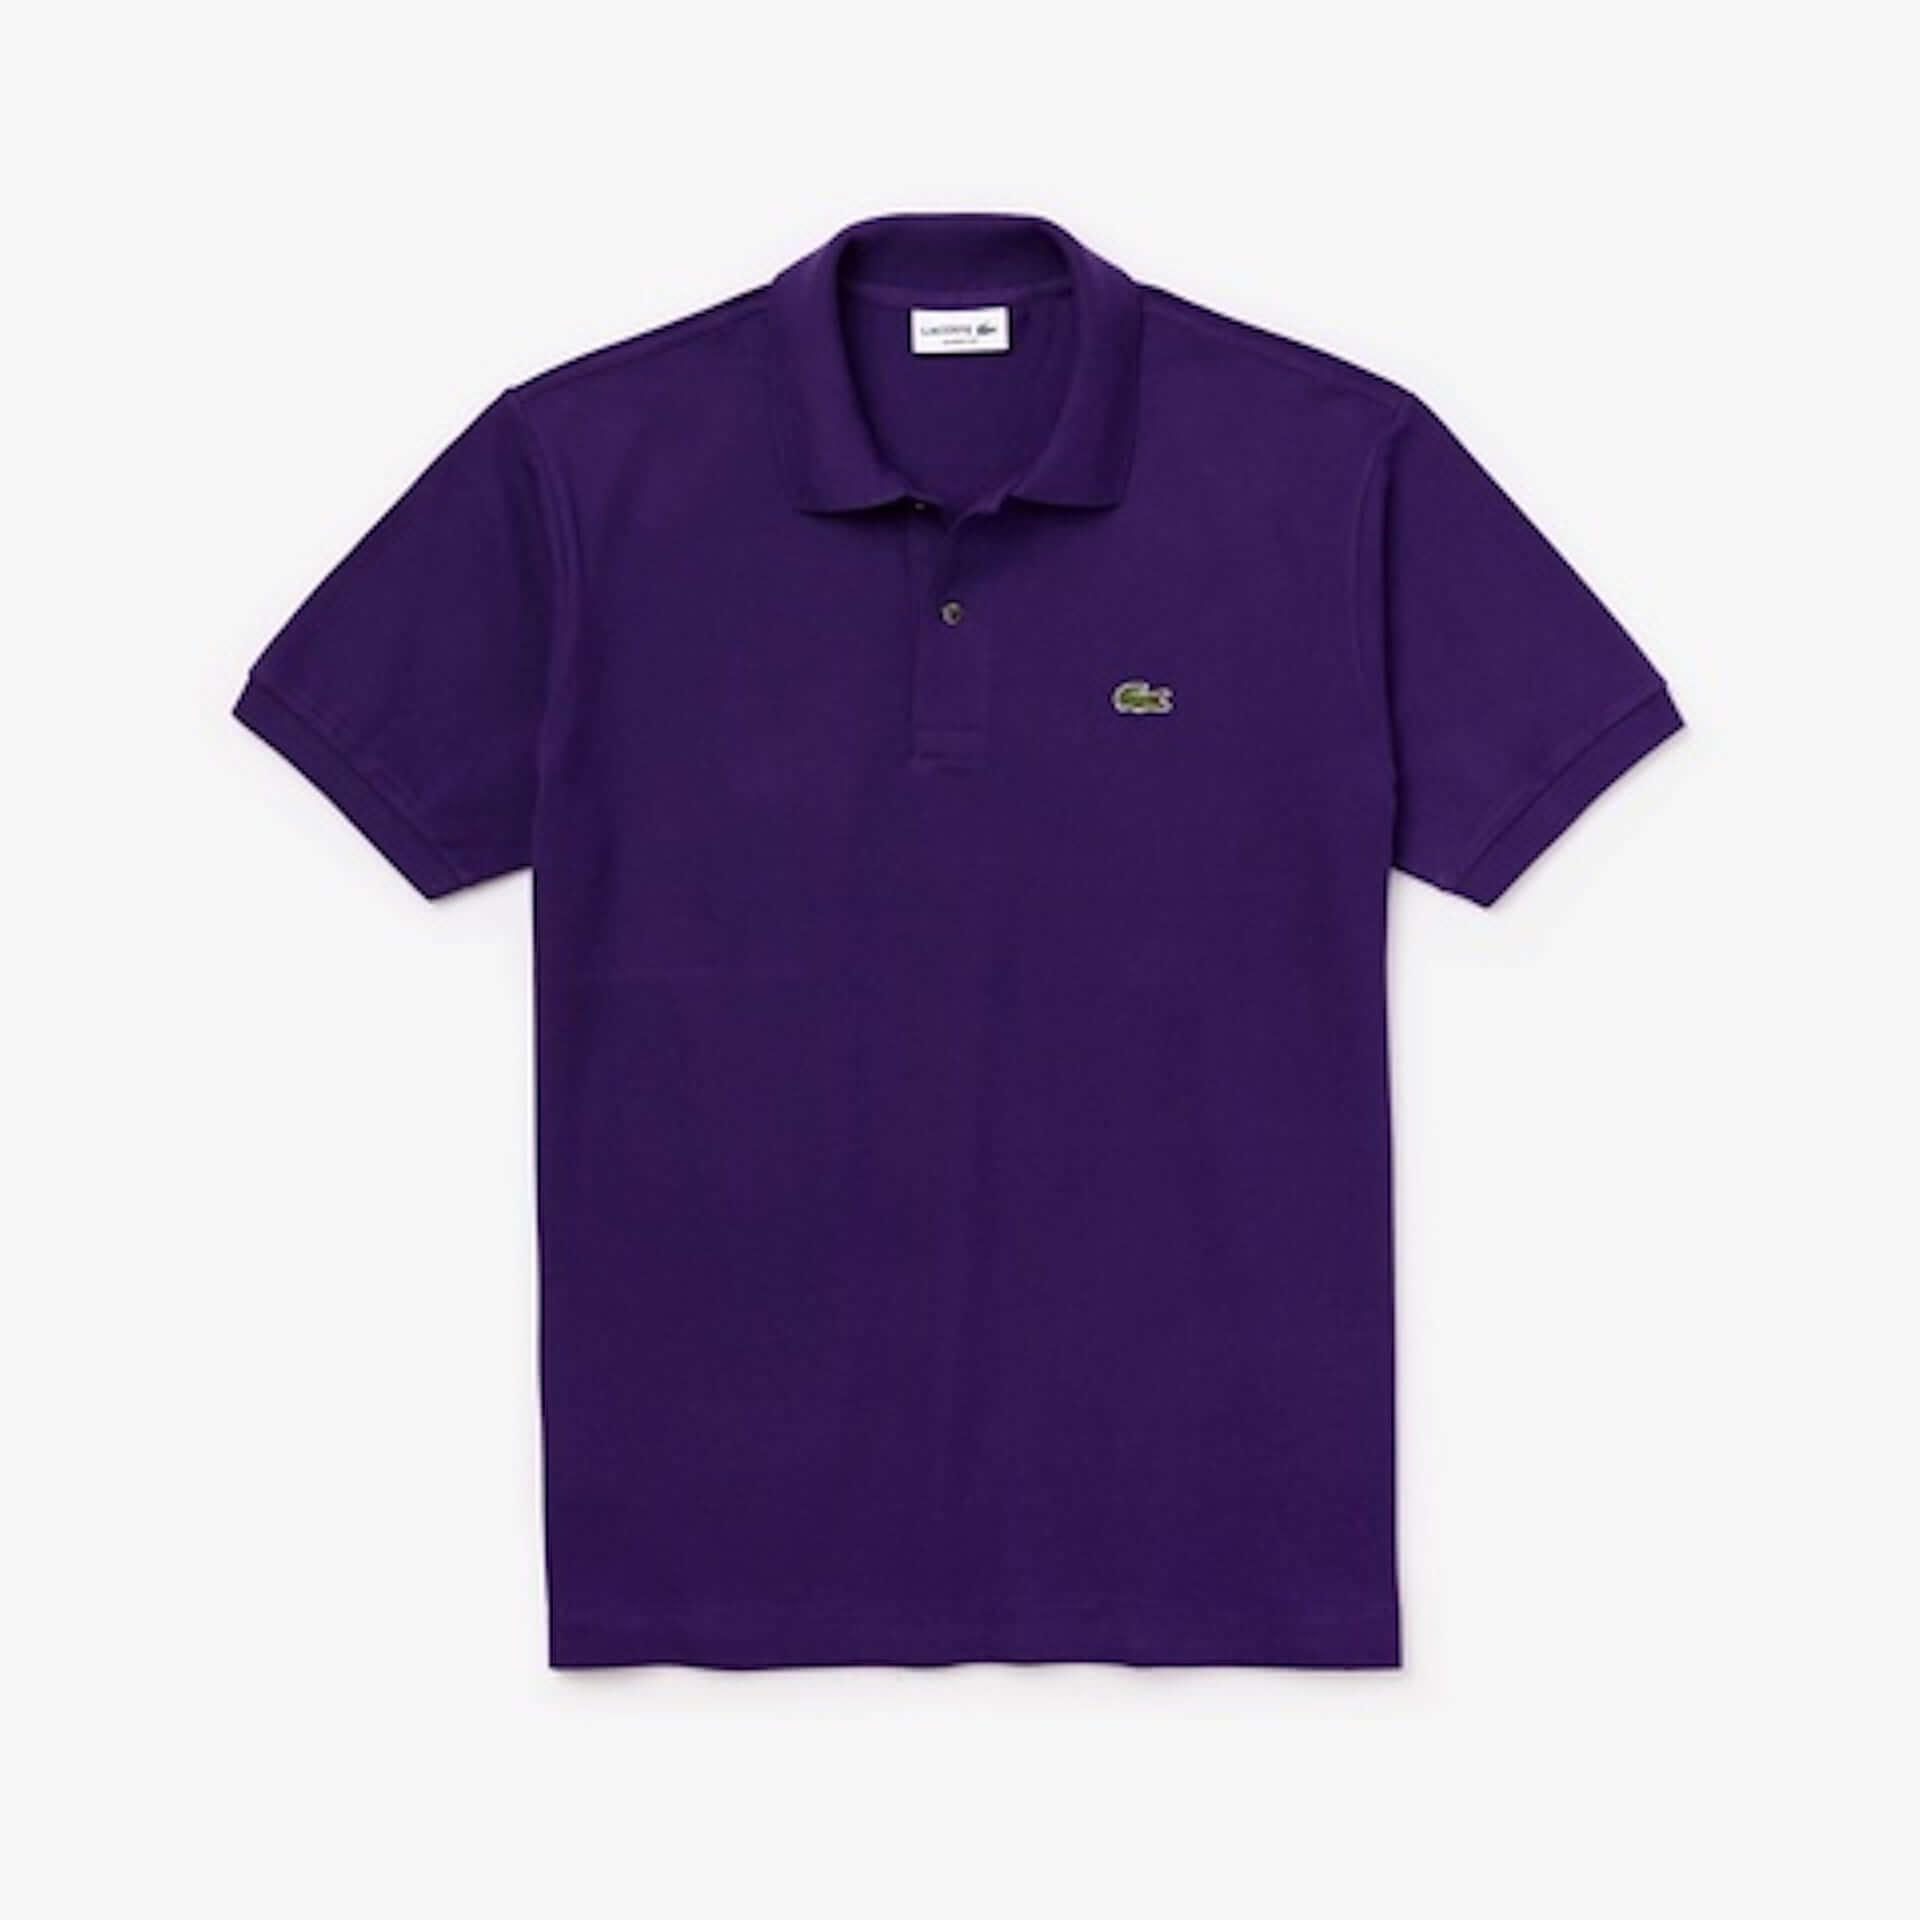 ラコステから春夏シーズンカラーの新作ポロシャツが登場!定番のワニロゴポロシャツやポロドレスも lf200519_lacoste_11-1920x1920